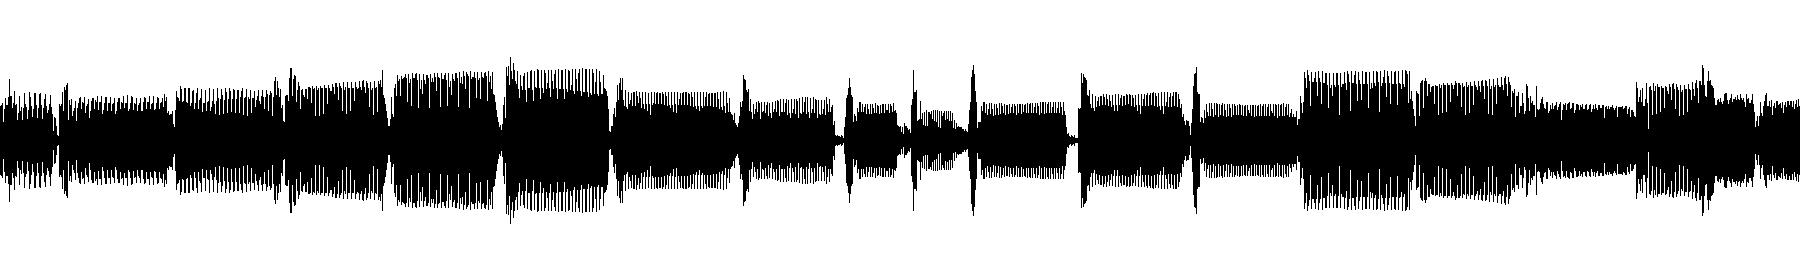 blbc jazzyripper 75 a